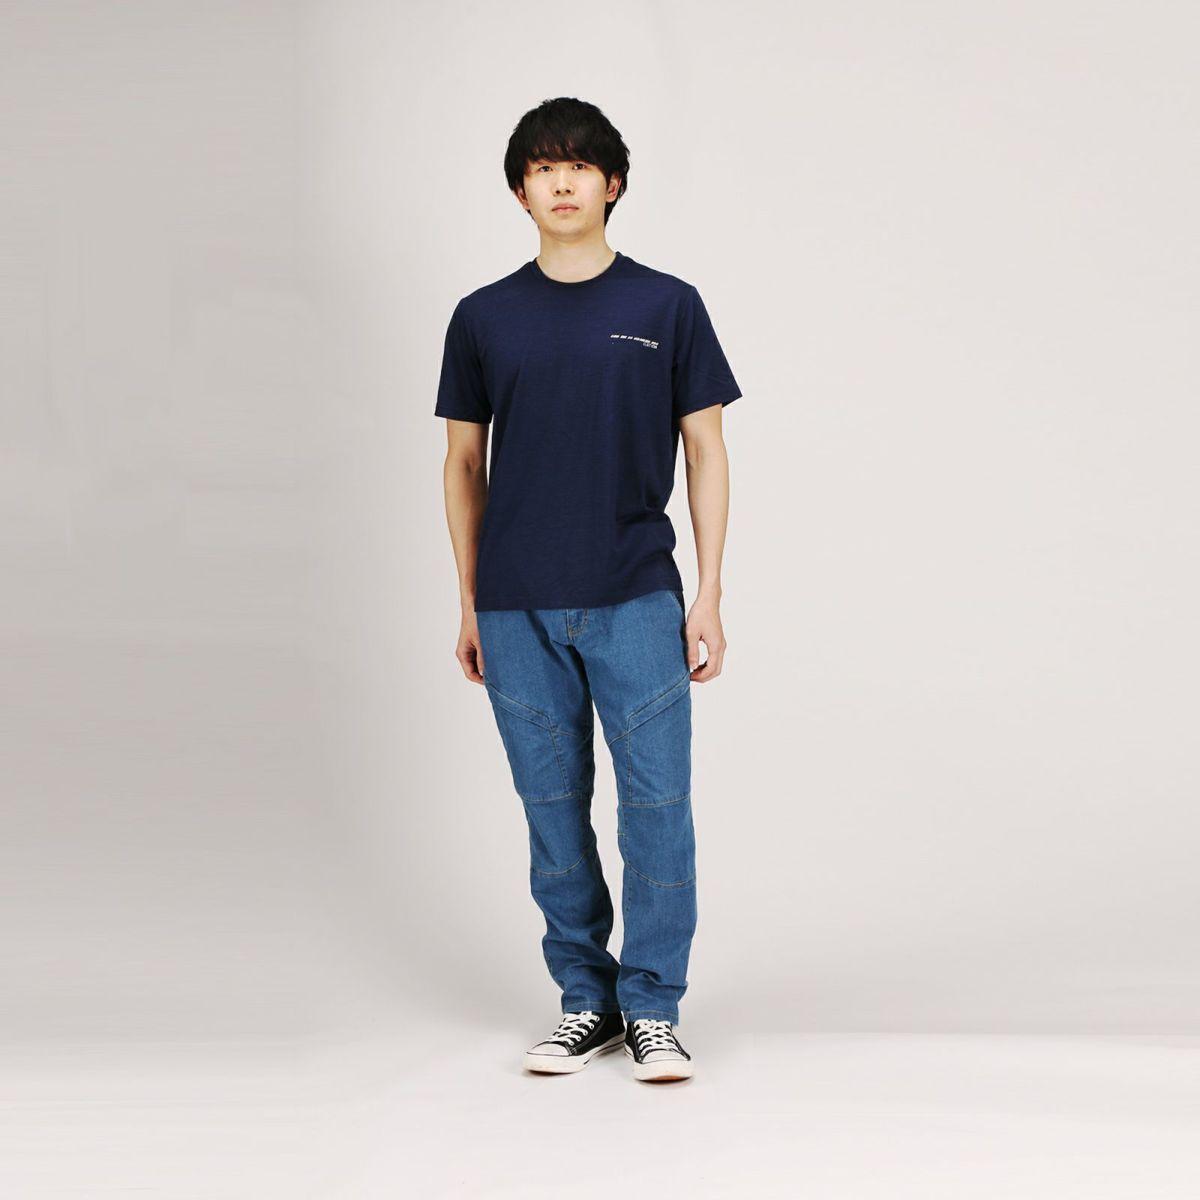 着用イメージ02 [男性モデルのサイズ]身長:168cm 着用サイズ:Lサイズ